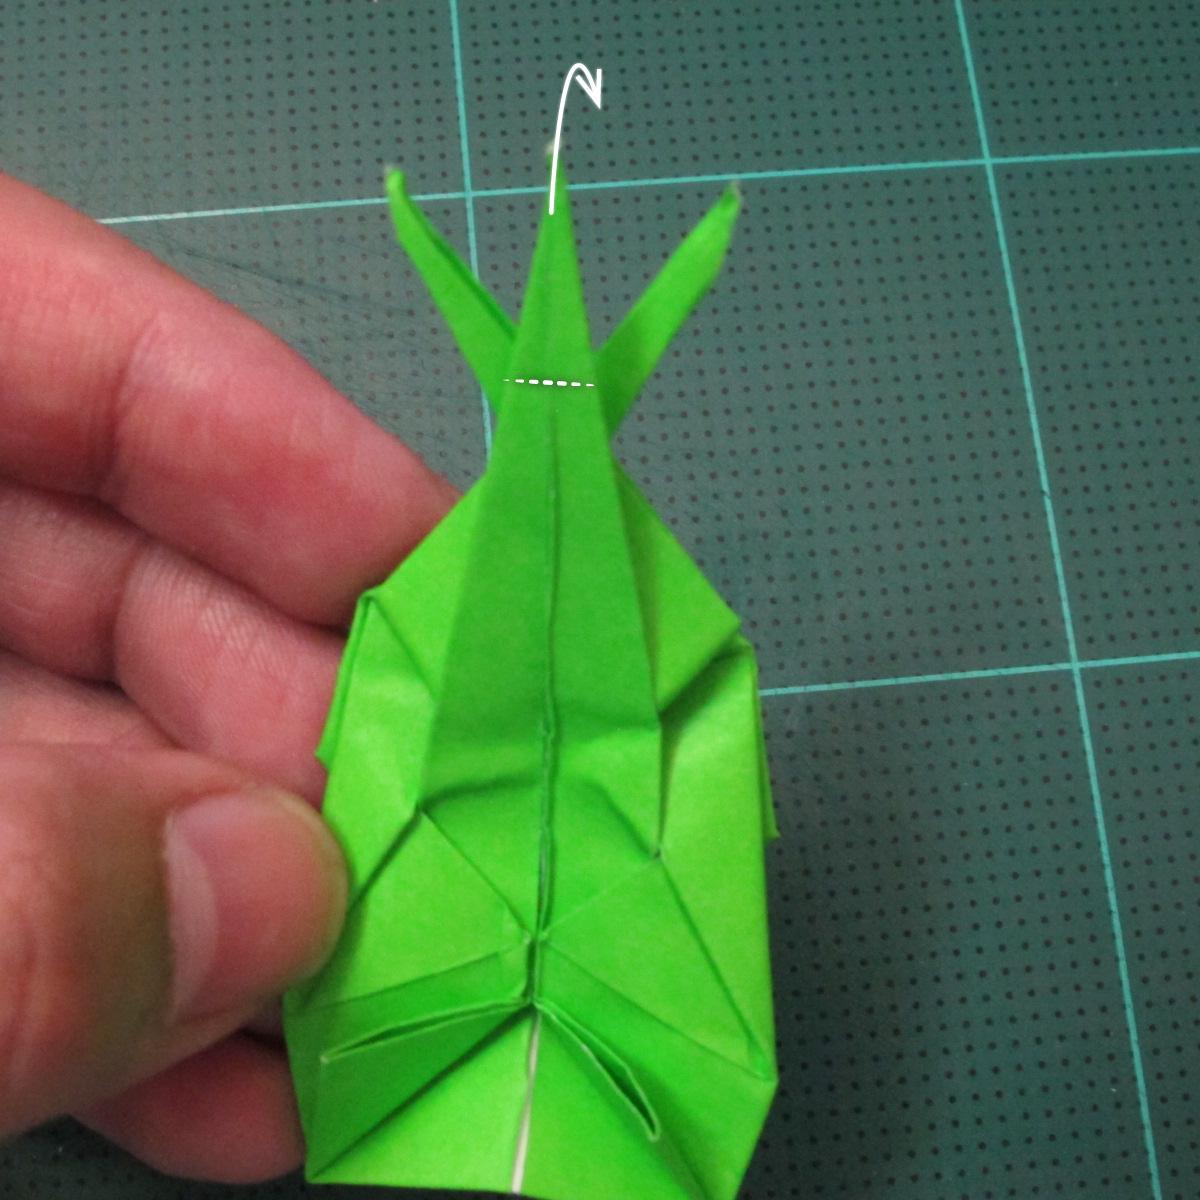 วิธีพับกระดาษเป็นรูปหอยทาก (origami Snail) 027